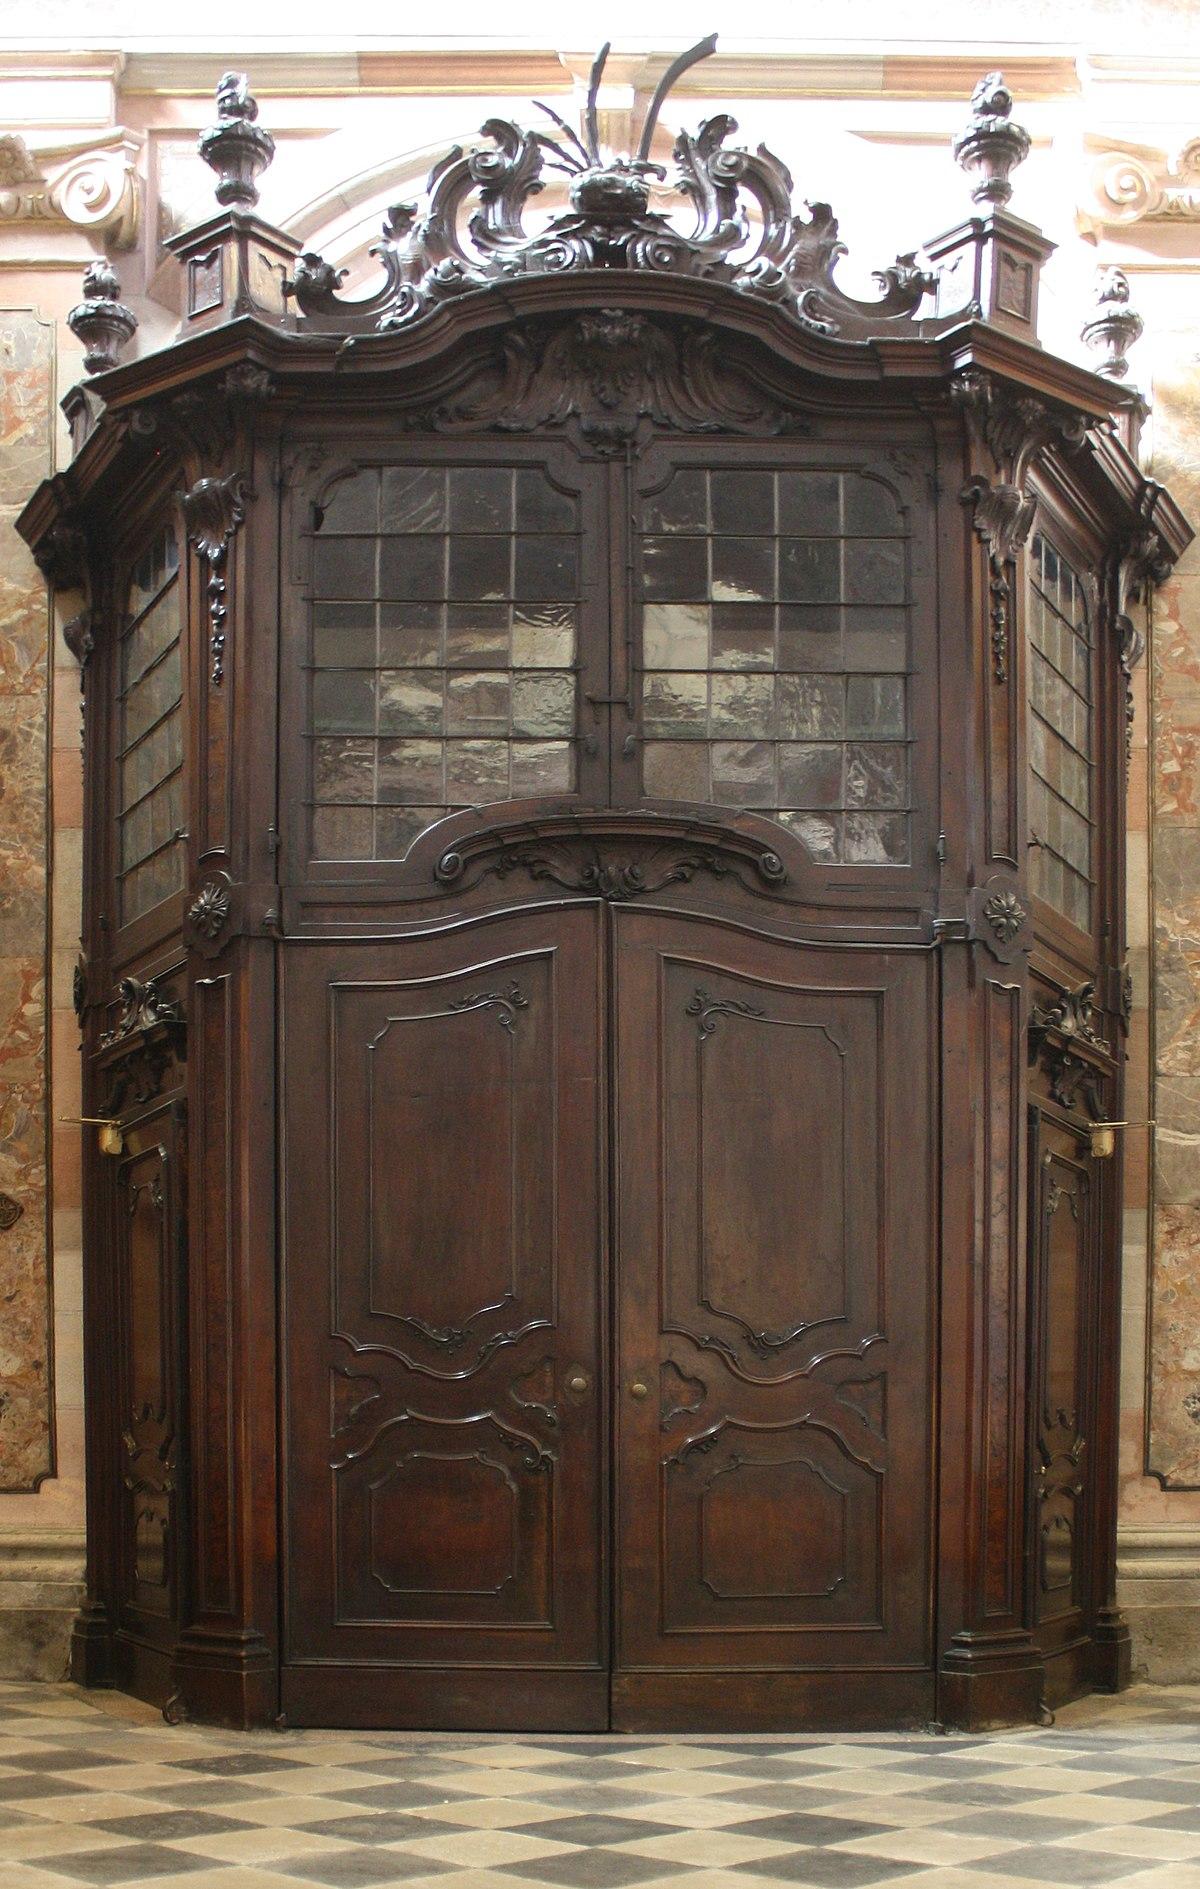 Bussola architettura wikipedia for Arredo chiesa